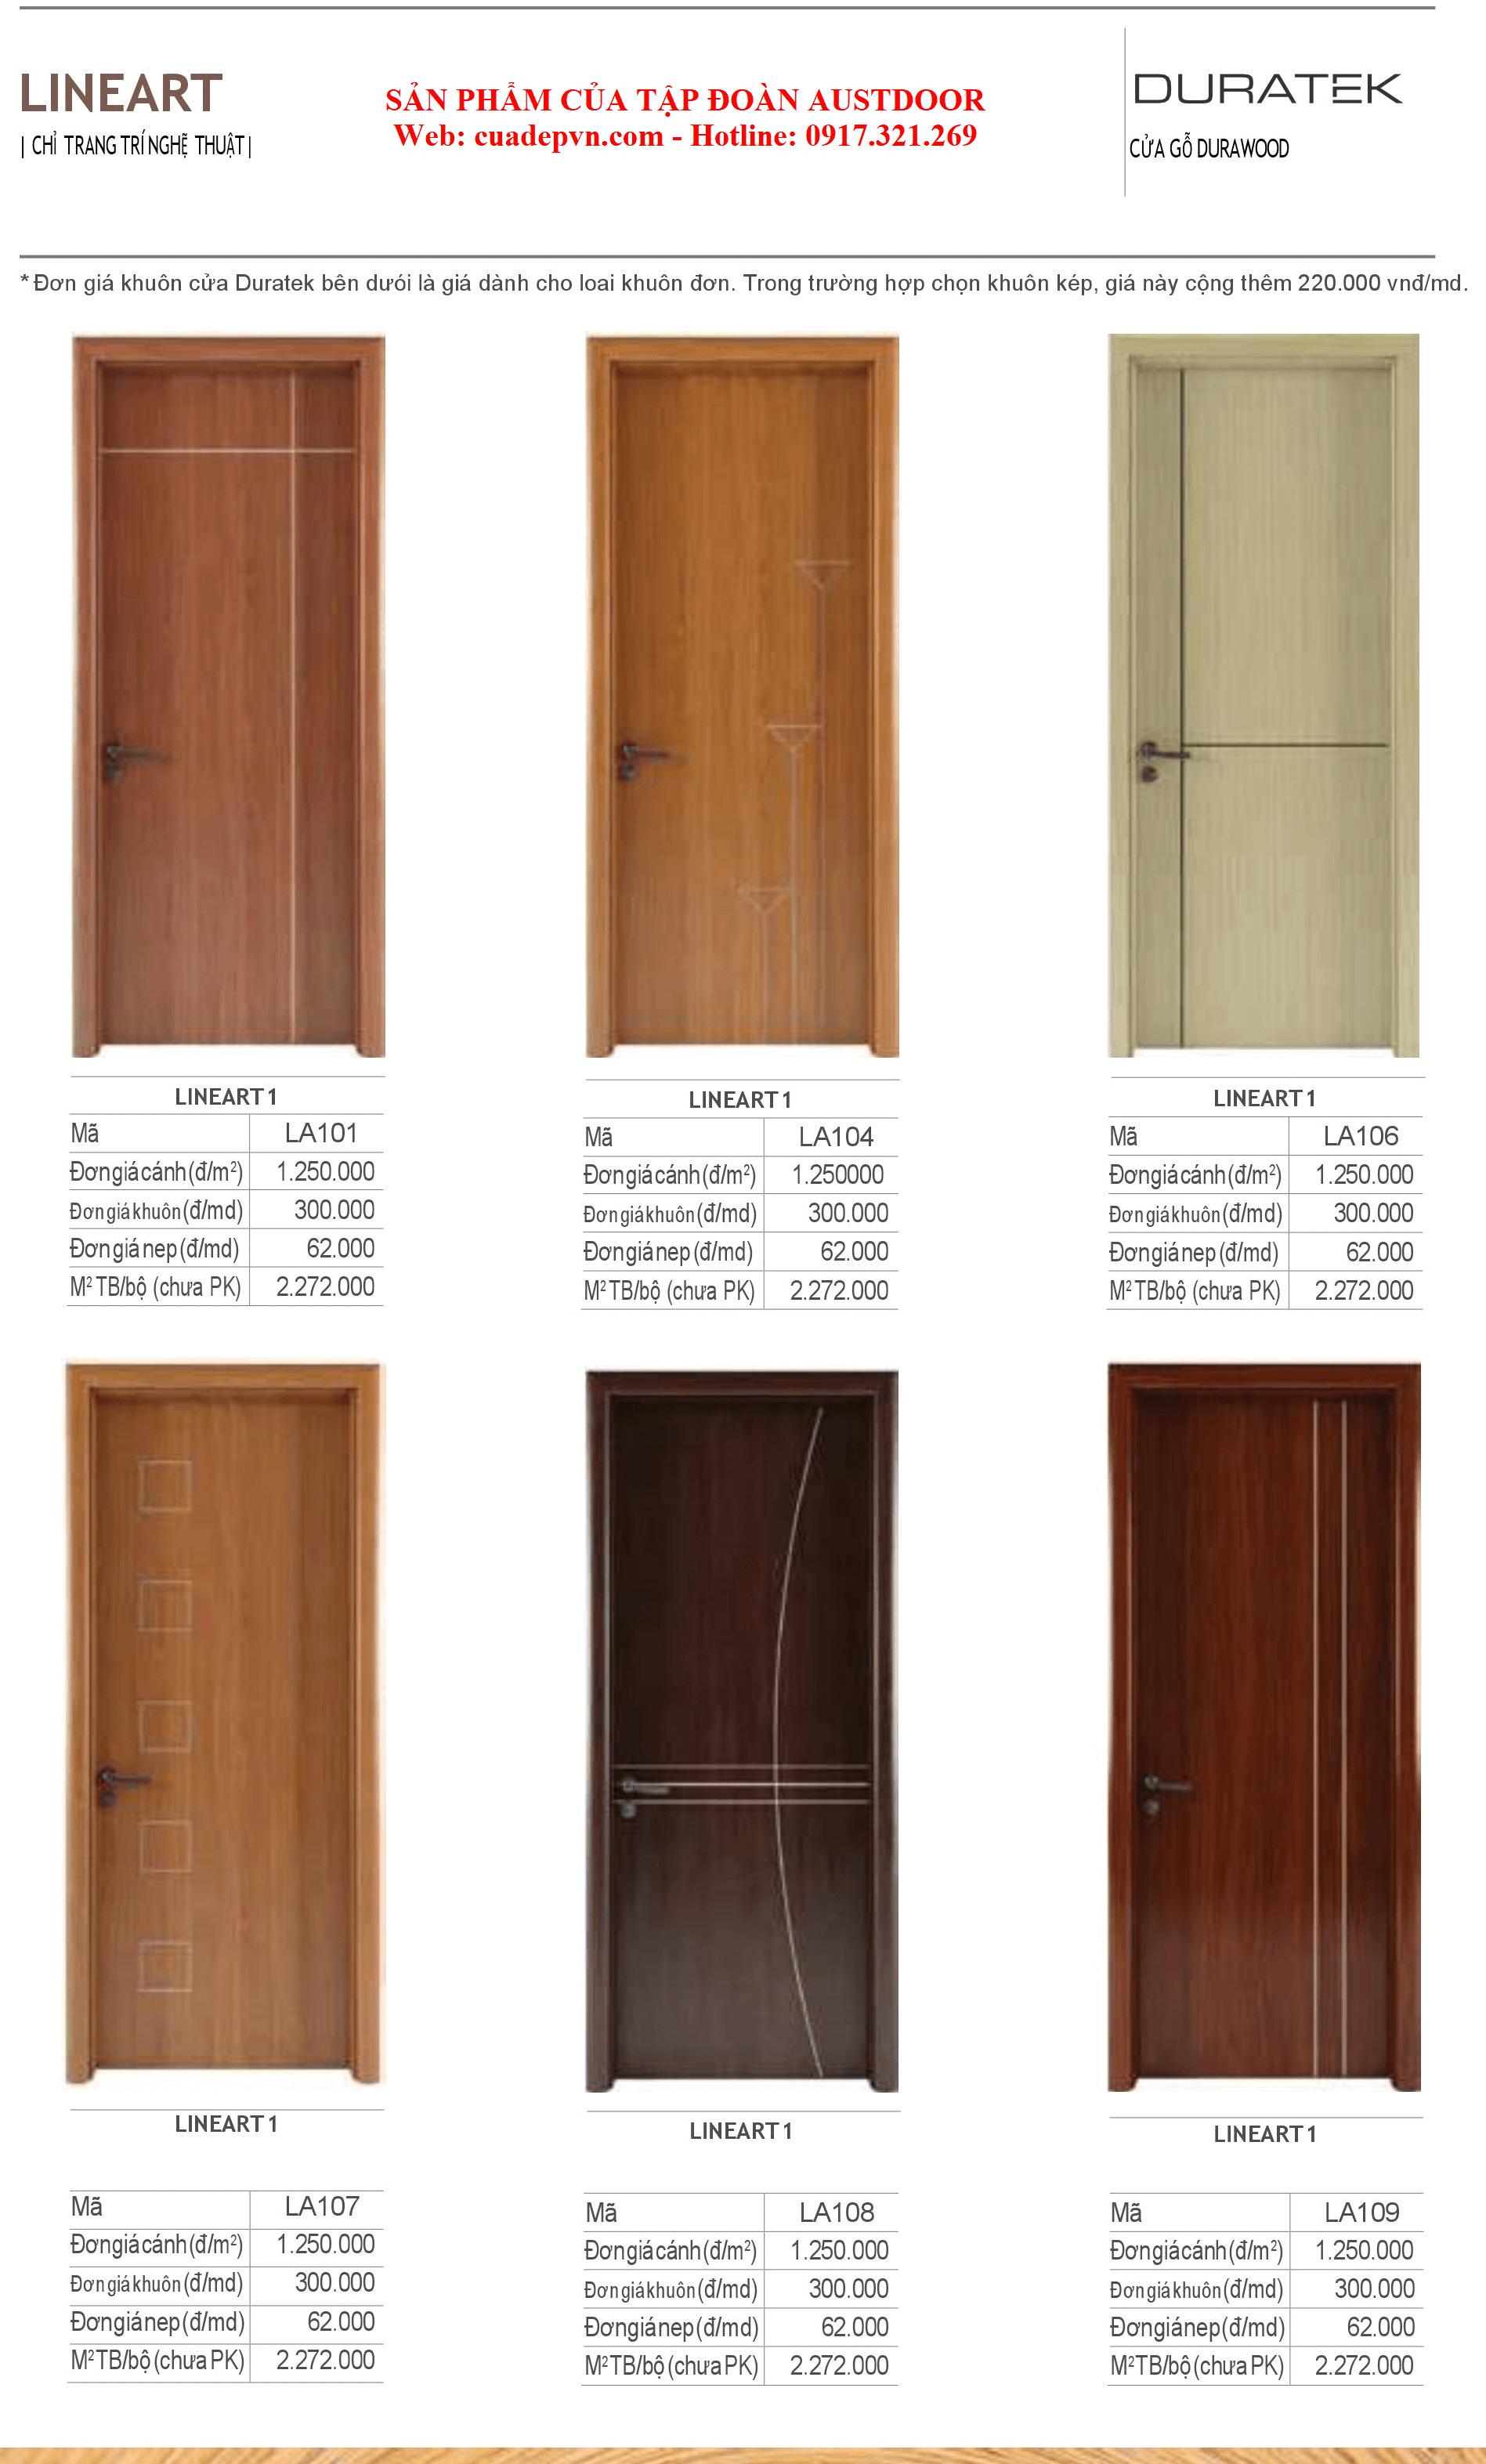 Lineart 1 - Cửa gỗ Chịu Nước DURATEK LineArt 101